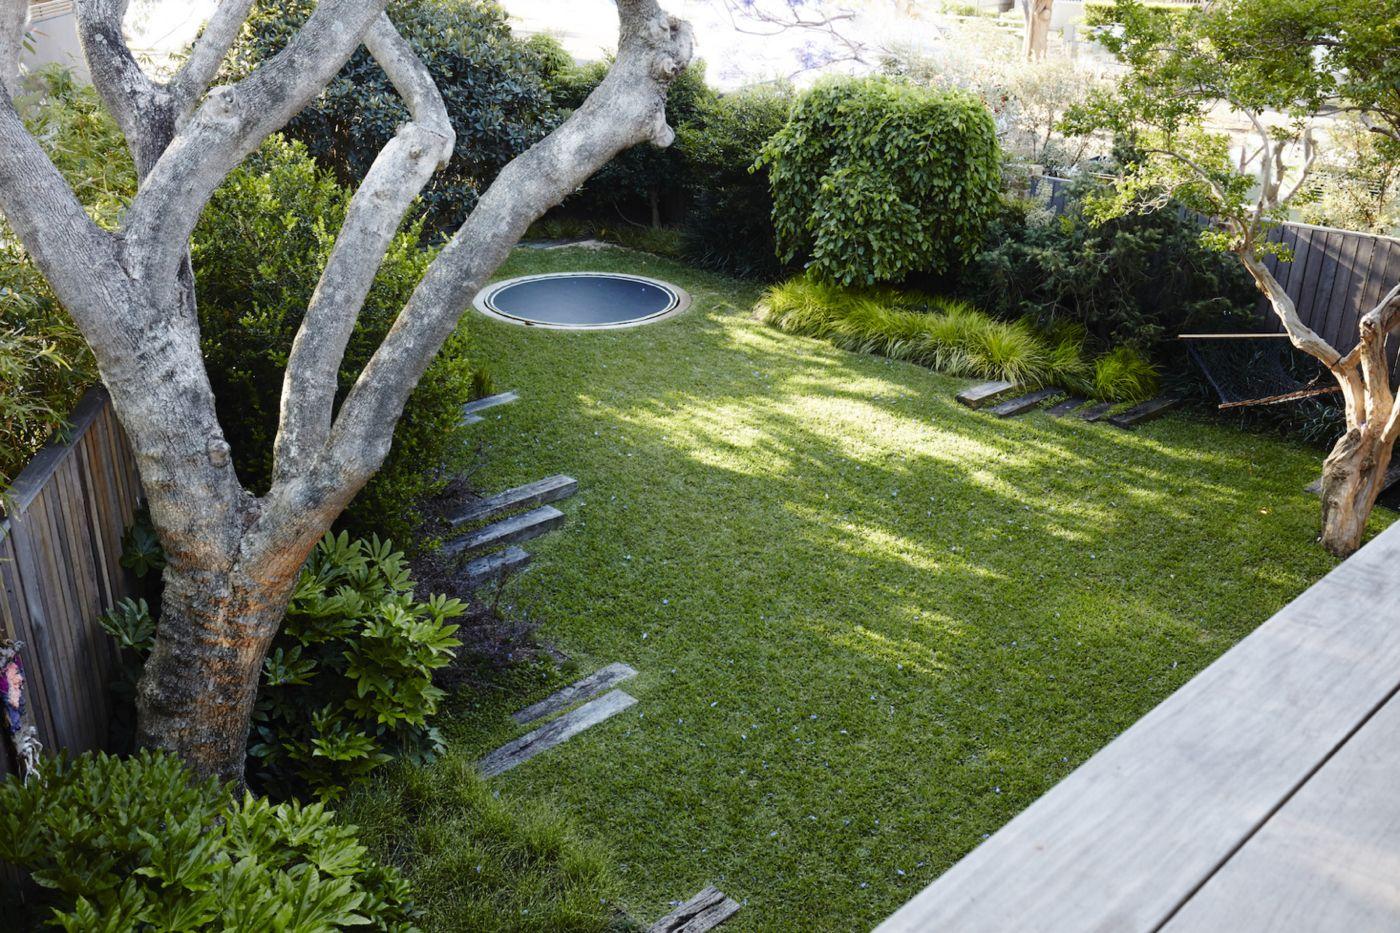 Bodentrampolin Im Garten Einbau Modelle Sicherheit Und Spielmoglichkeiten Australischer Garten Bodentrampolin Und Familiengarten